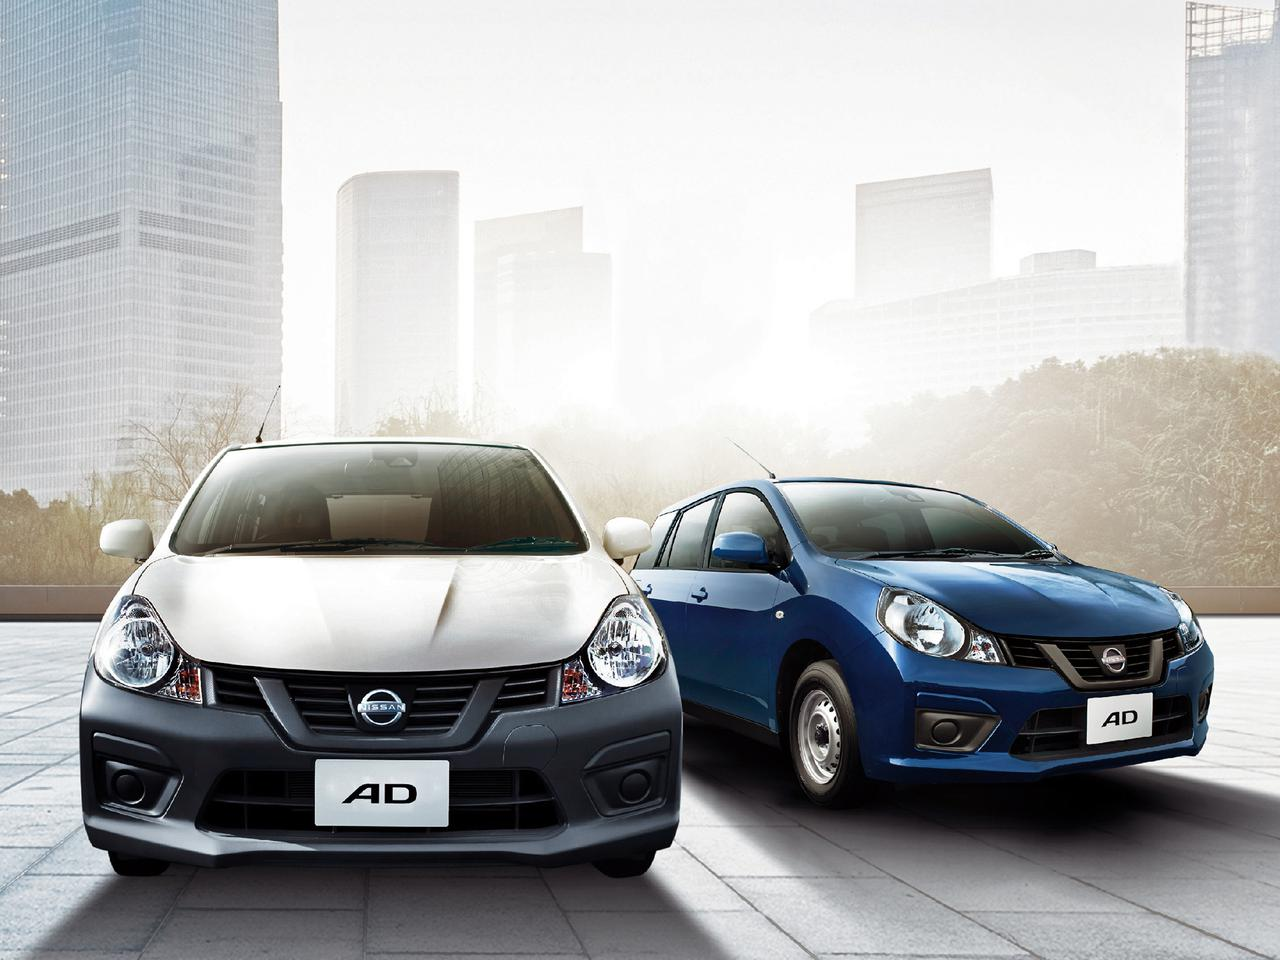 日産 NV150ADを「AD」に車名変更し、一部仕様向上して発売